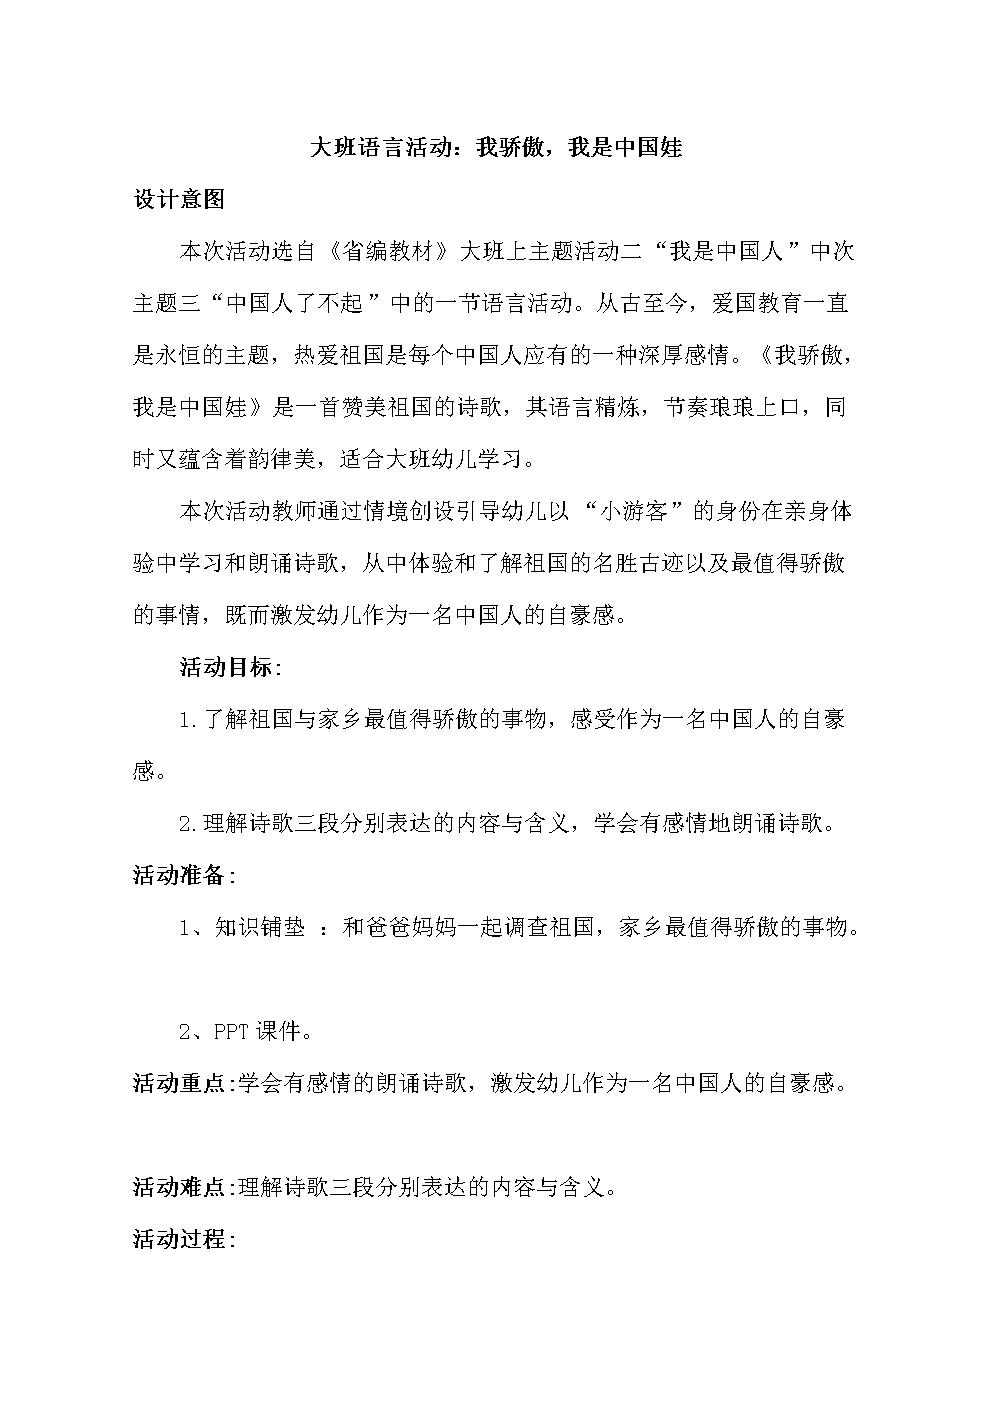 幼儿园大班语言活动:《我骄傲,我是中国娃》教案.doc